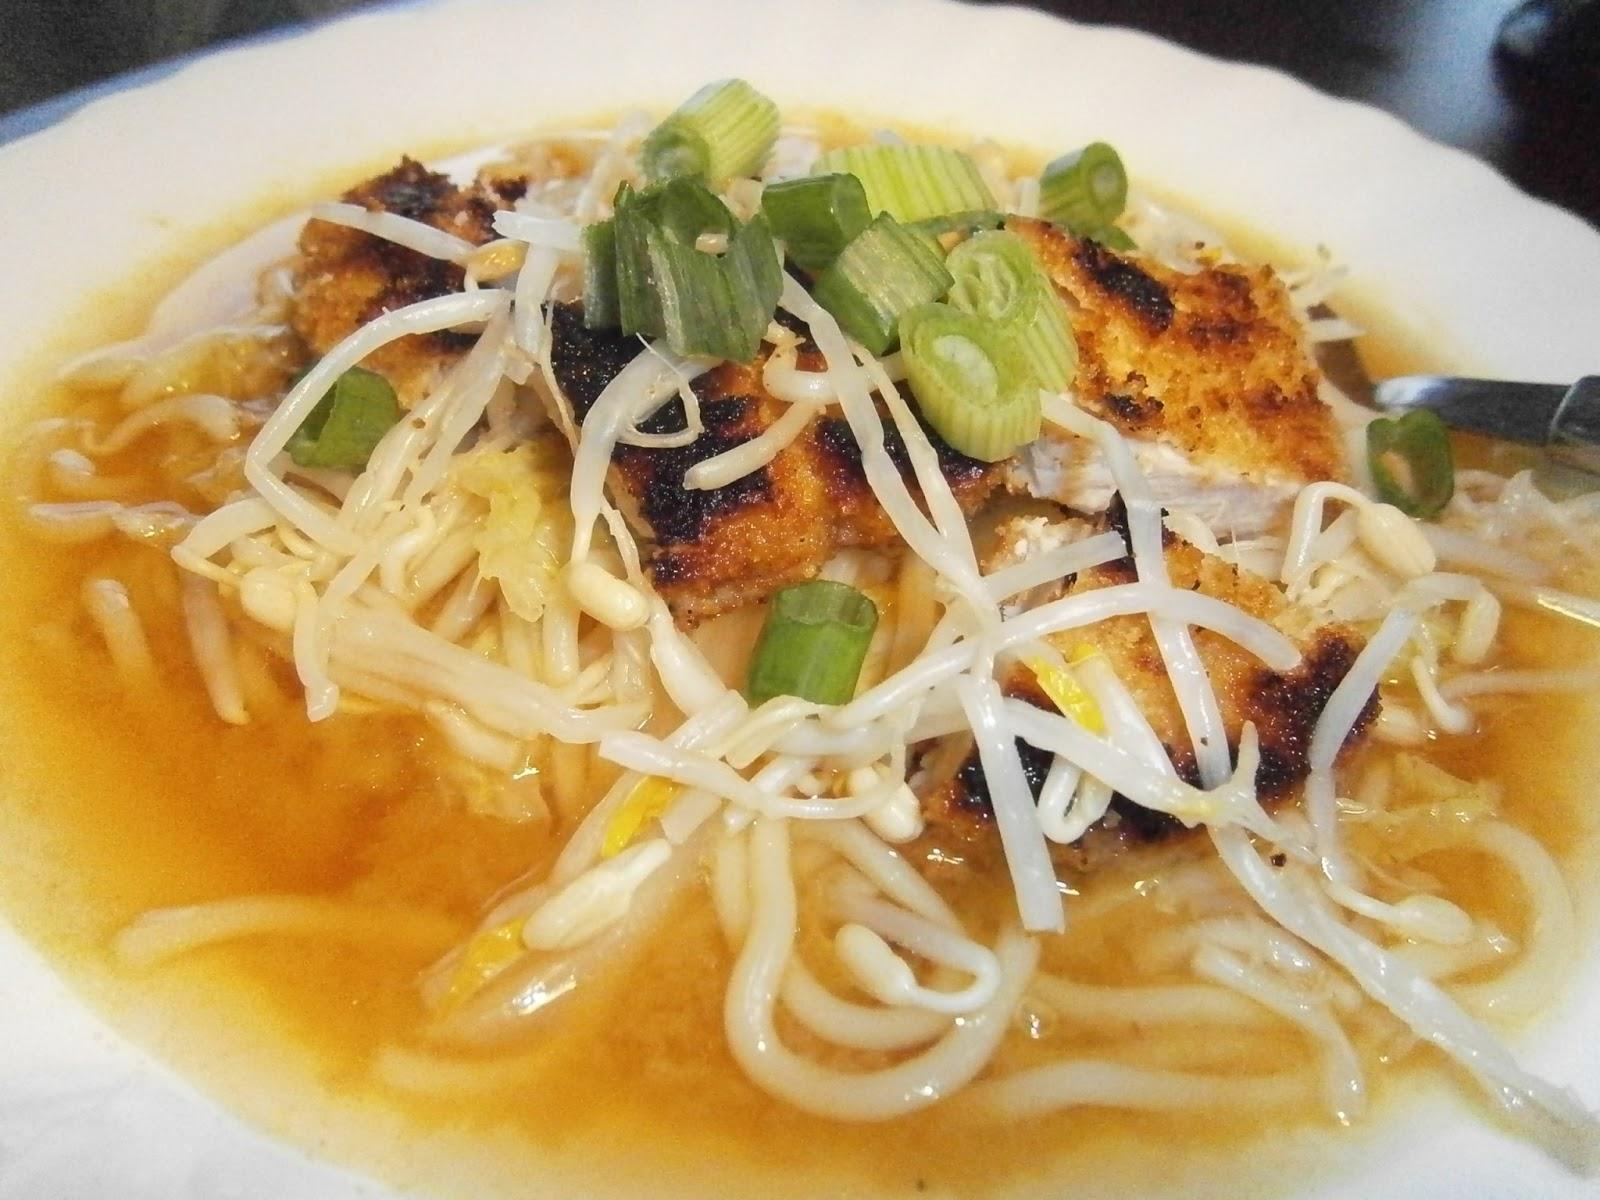 D lices d 39 une novice soupe de ramen nouilles chinoises - Cuisiner du choux chinois ...